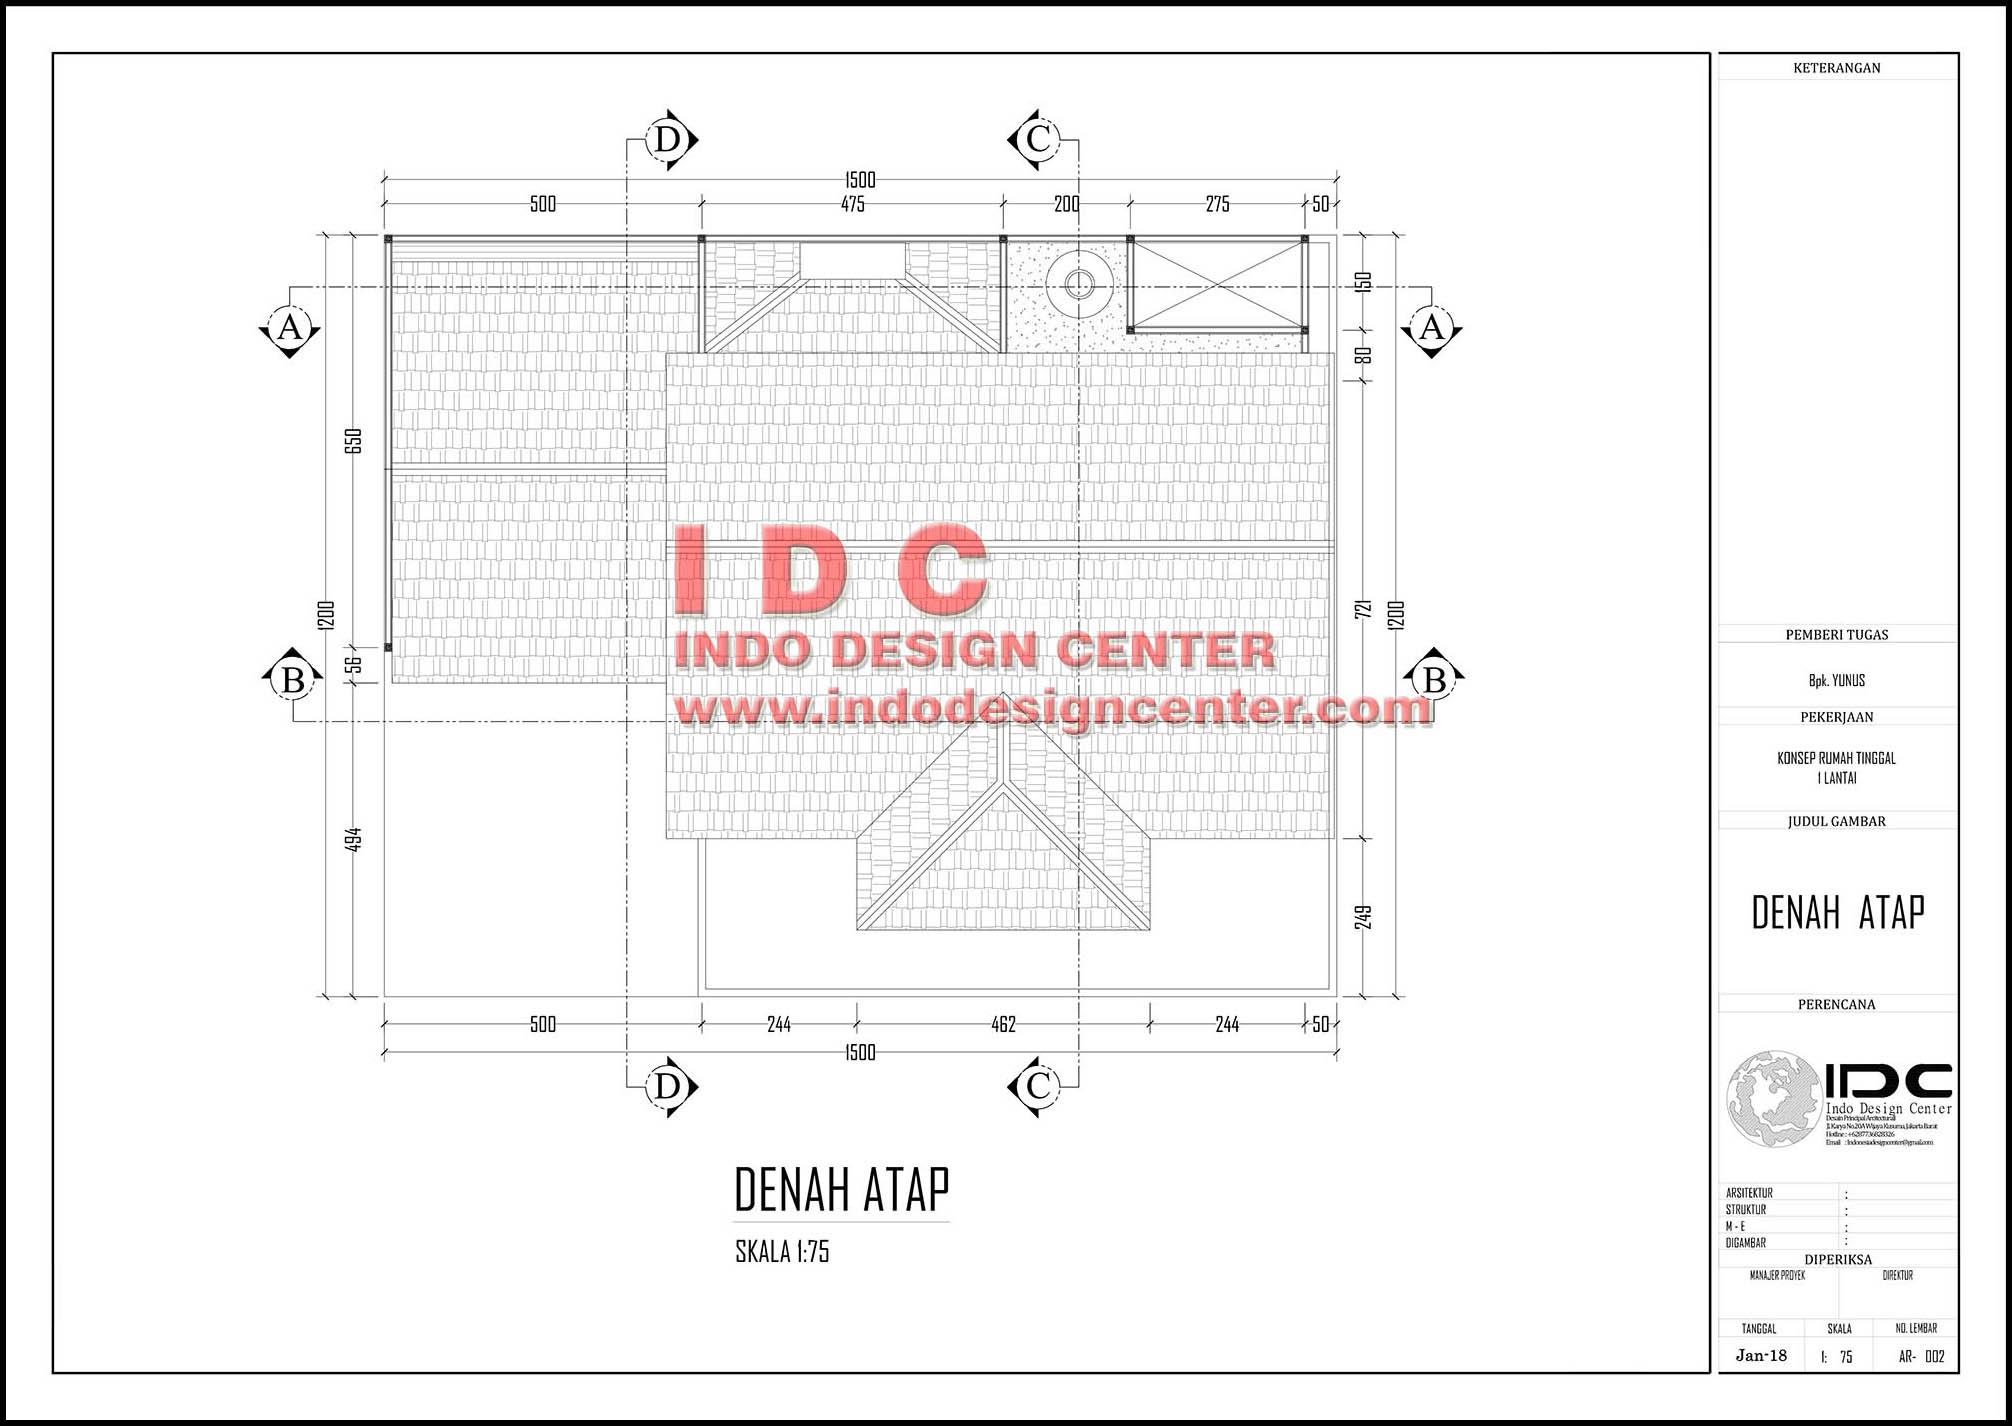 Contoh Gambar Kerja Lengkap Rumah Minimalis 1 Lantai Hal 002 INDO